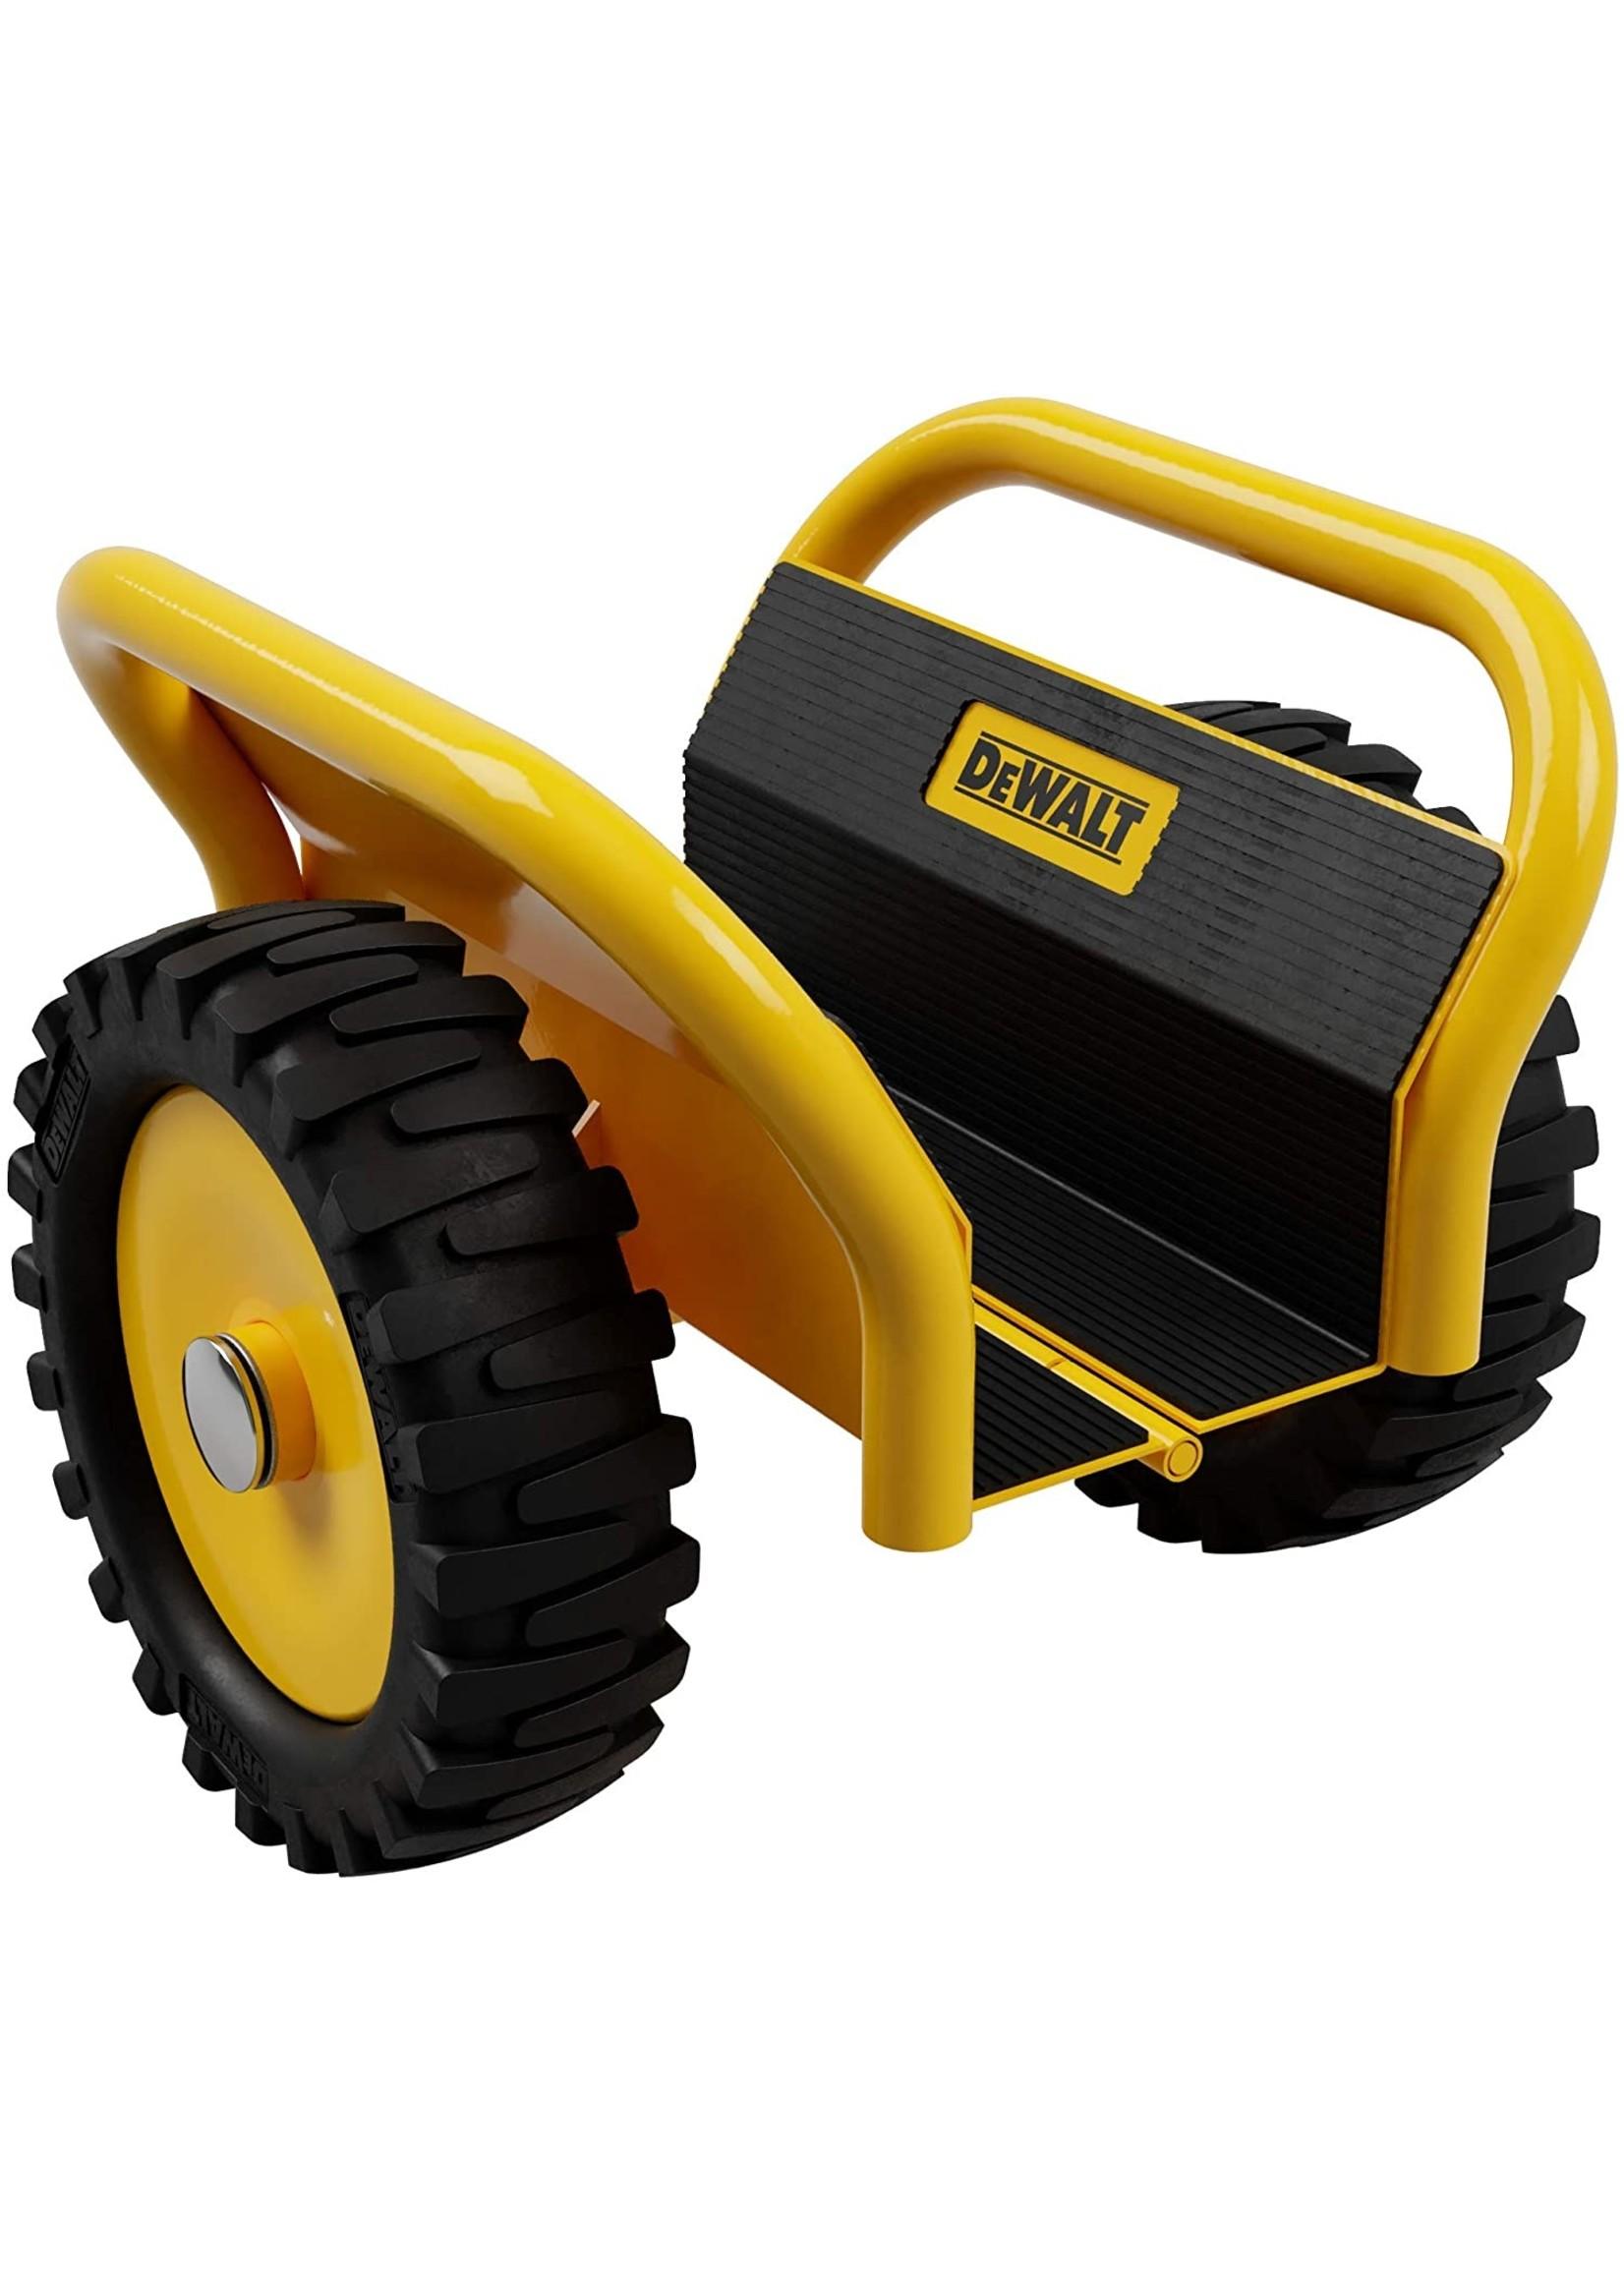 DeWalt DeWalt platenwagen DXWT-201 - zwart - geel tot 500 kg